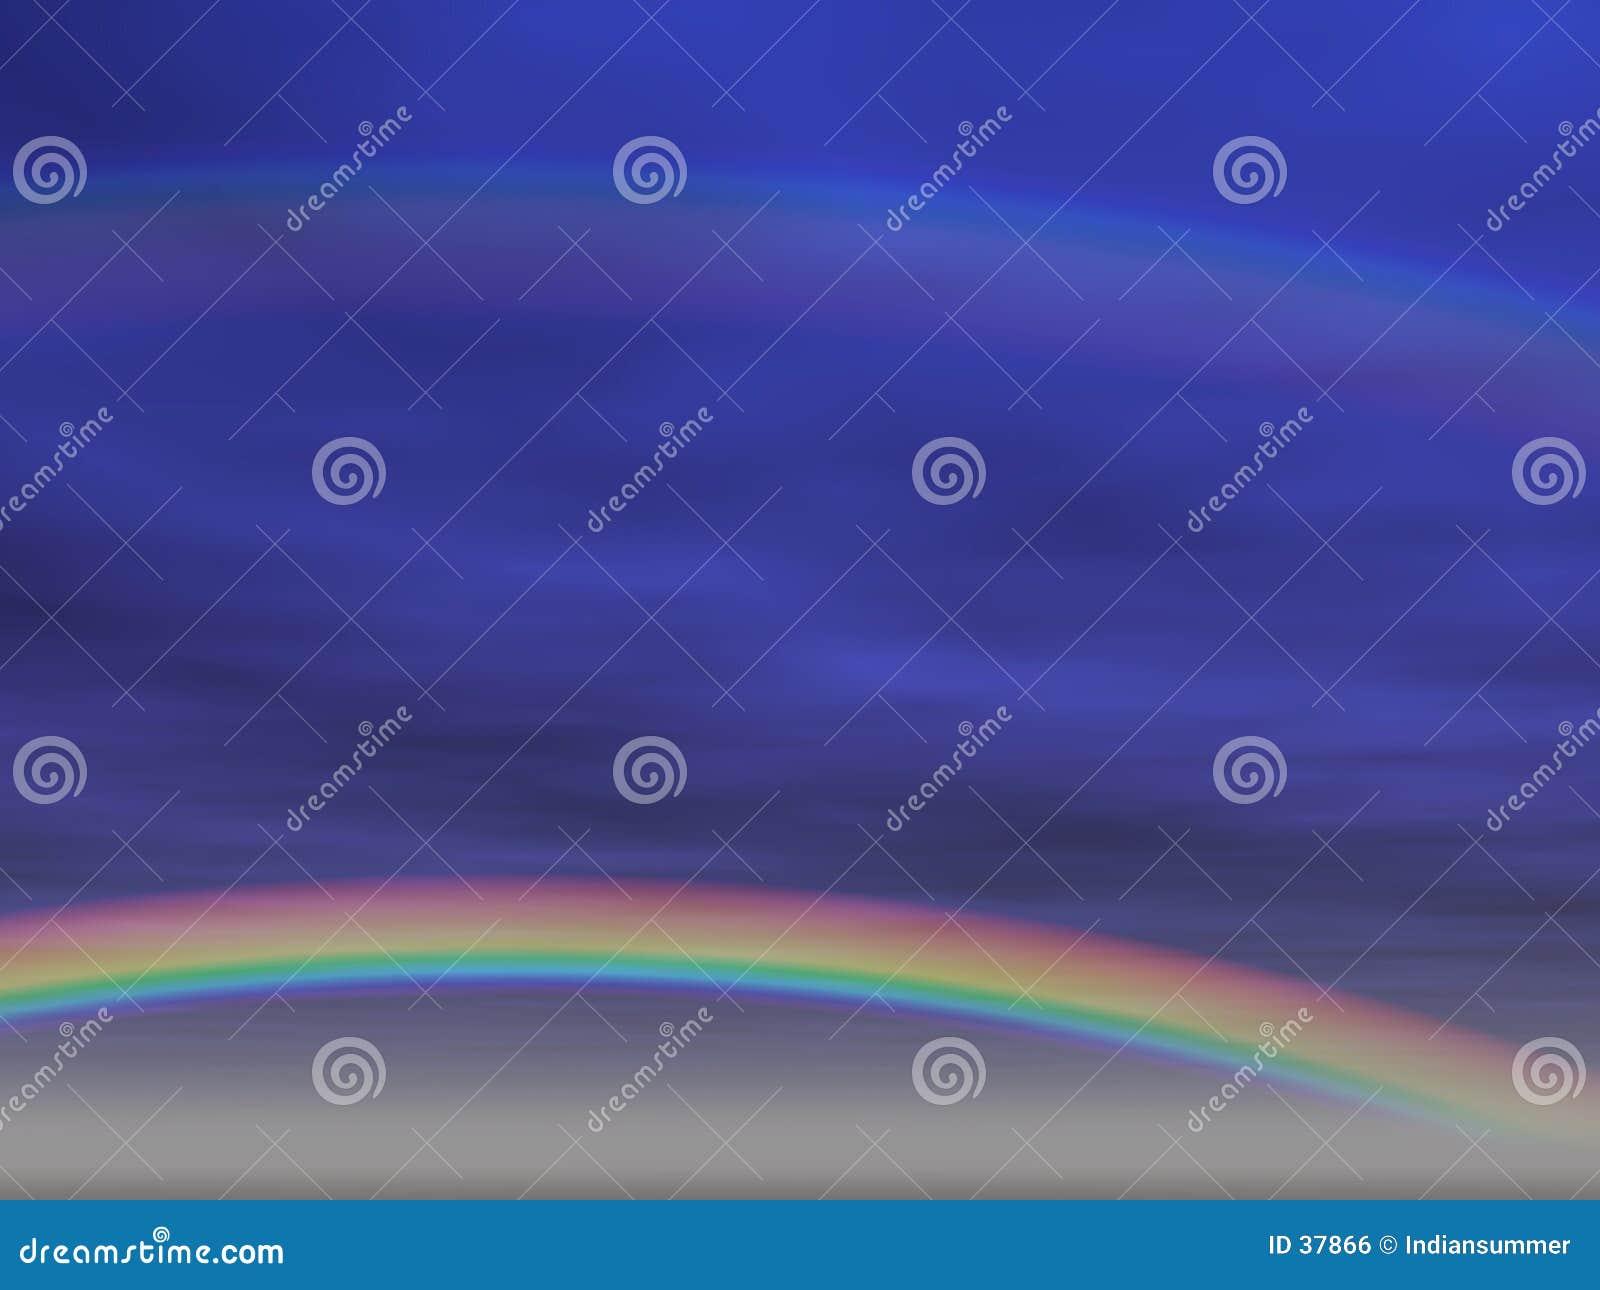 Download Fondo del arco iris [2] stock de ilustración. Ilustración de rainbow - 37866